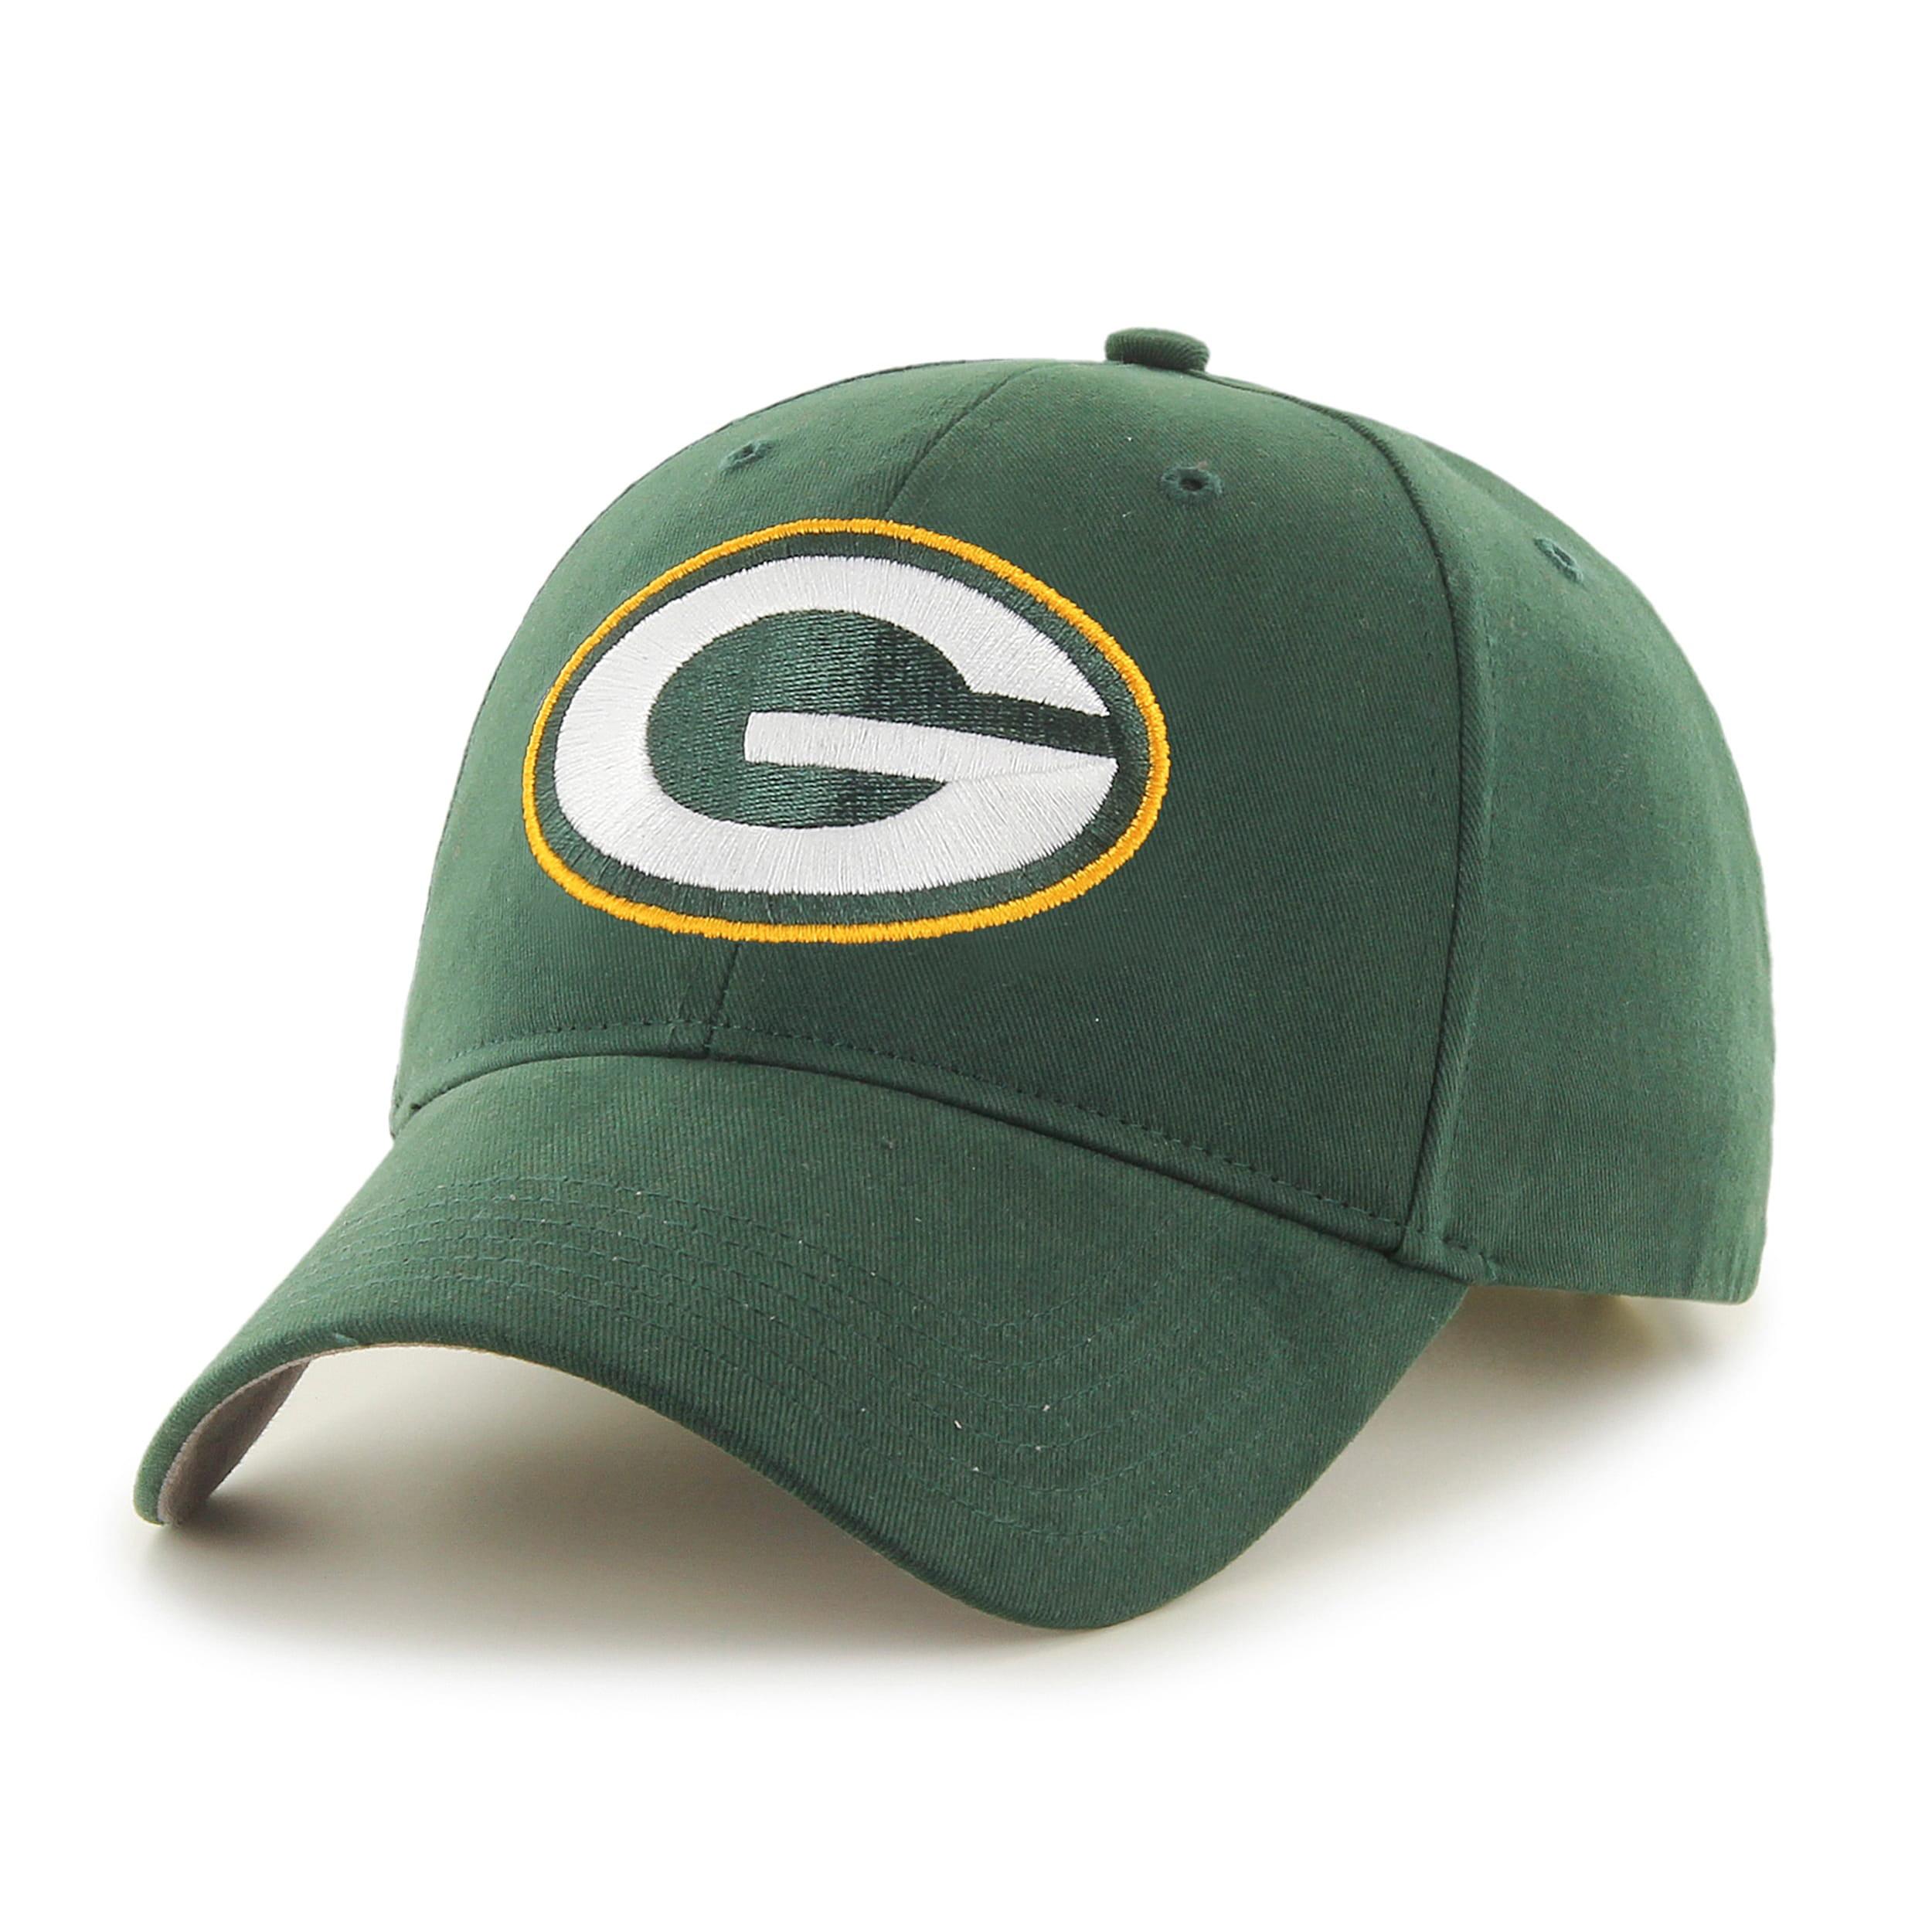 7f6fbcd525d4e2 NFL Fan Shop - Walmart.com